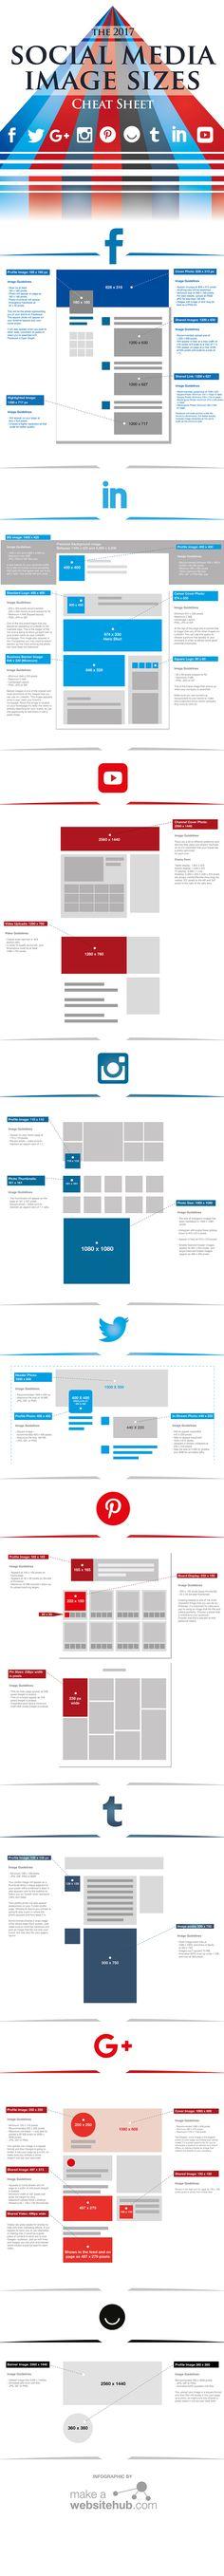 Das ist schon ein echter Klassiker:Welche Bildgrößen braucht man für die verschiedenen Posts im Social Web? Entgegen aller Hoffnungen:Viel einheitlicher sind die Formate in den letzten Jahren leider auch nicht geworden. Immer noch braucht jedes Portal seine eigenen Bildgrößen. Makeawebsitehub.comhat sich auch in diesem Jahr [... mehr ...]